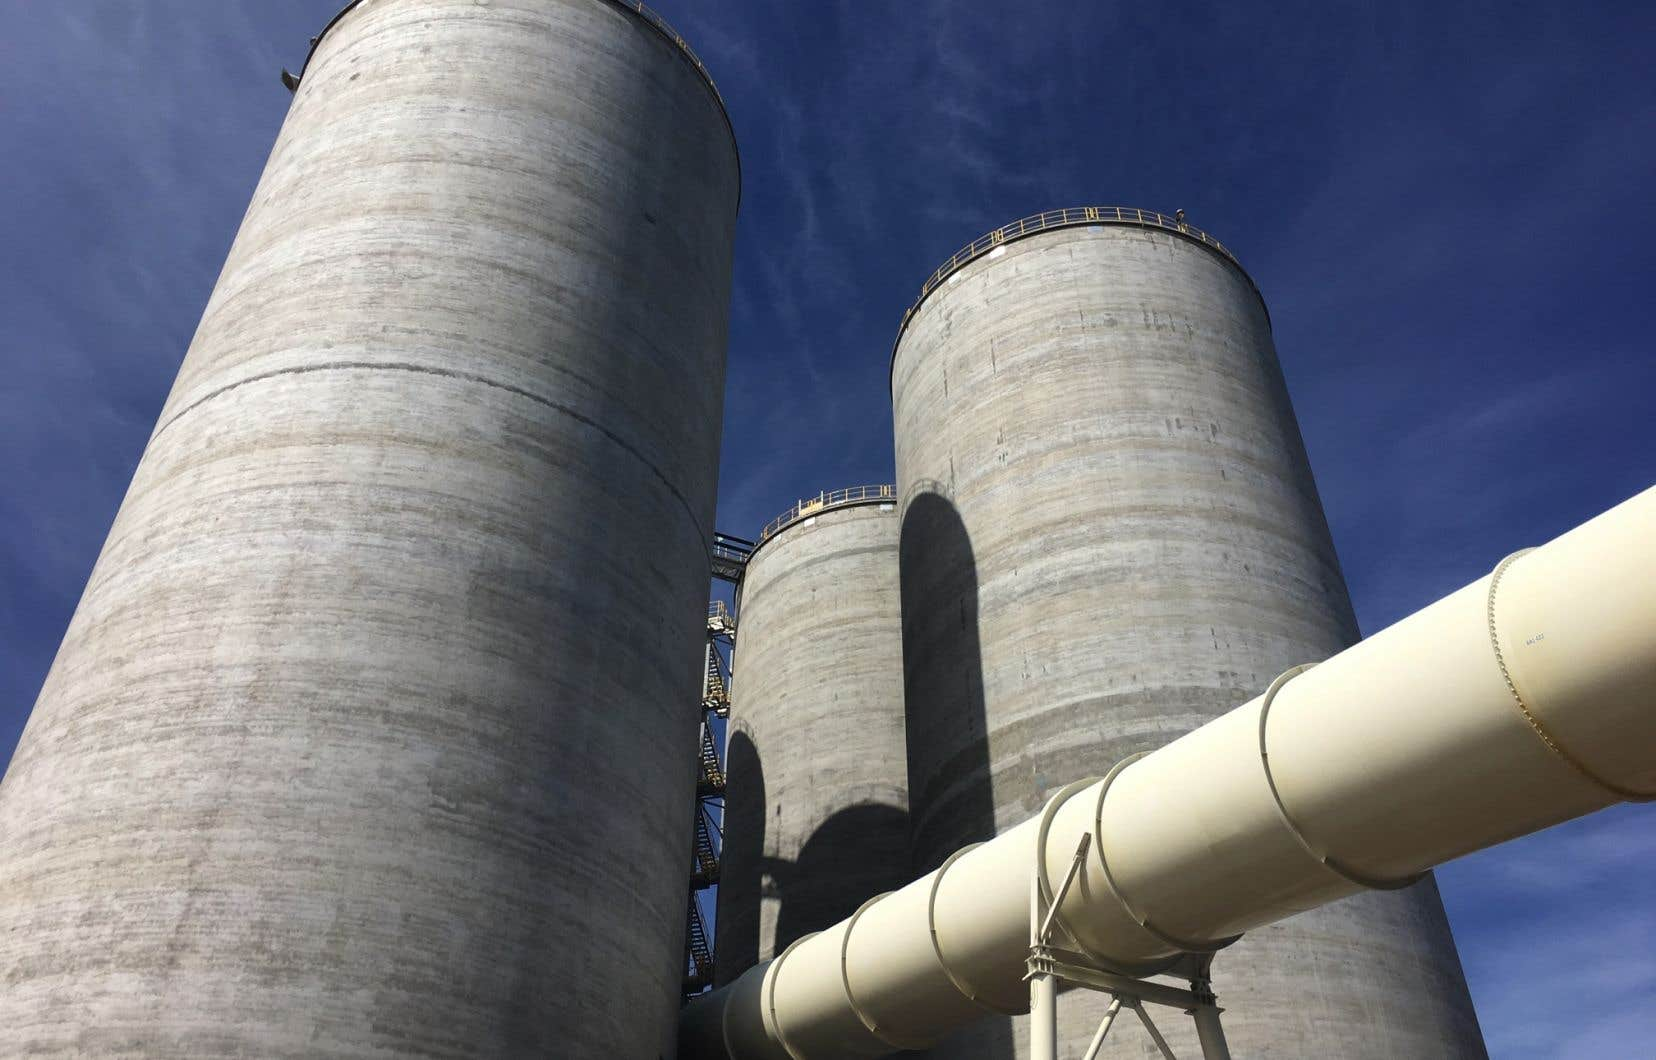 Les différentes options évaluées incluraient la vente pure et simple de l'usine située en Gaspésie.